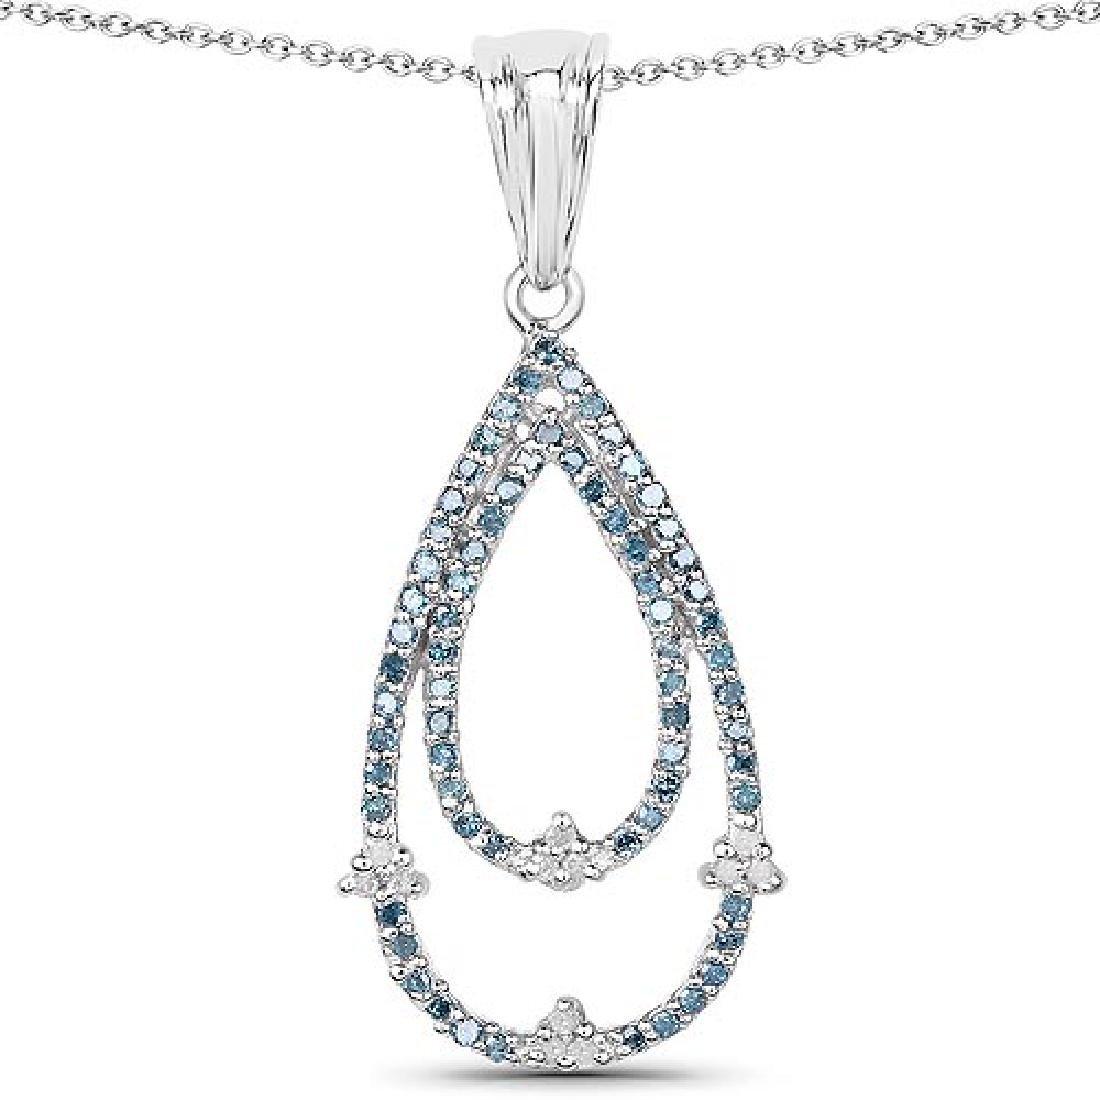 0.34 Carat Genuine Blue Diamond and White Diamond .925